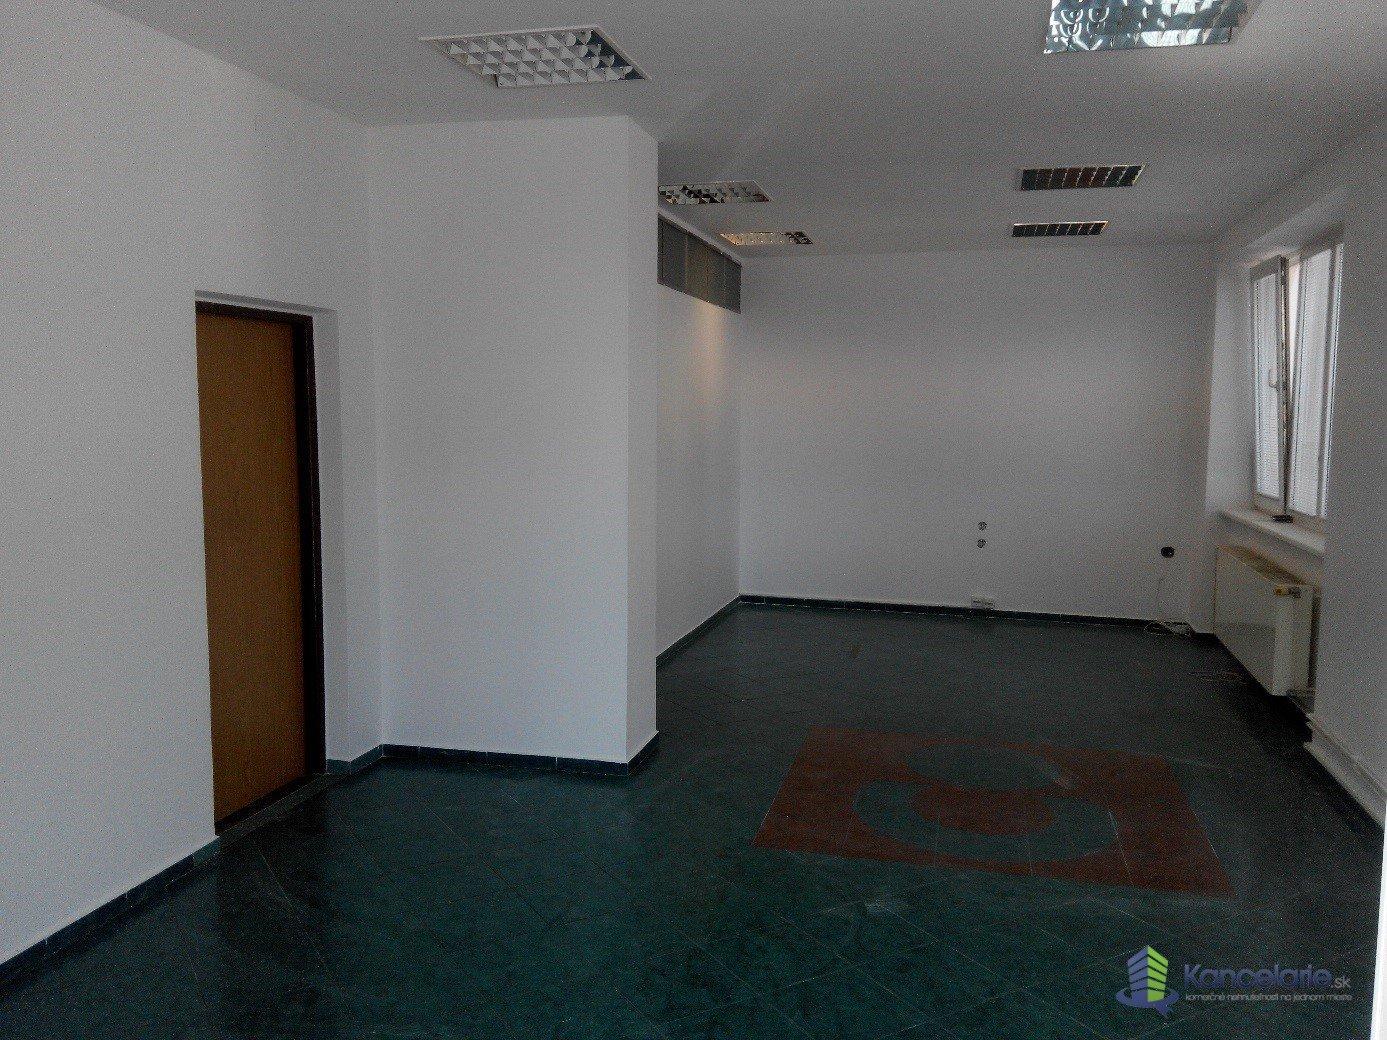 Administratívna a obchodná budova, Obchodný a administratívny priestor, Čsl. armády 46, Topoľčany